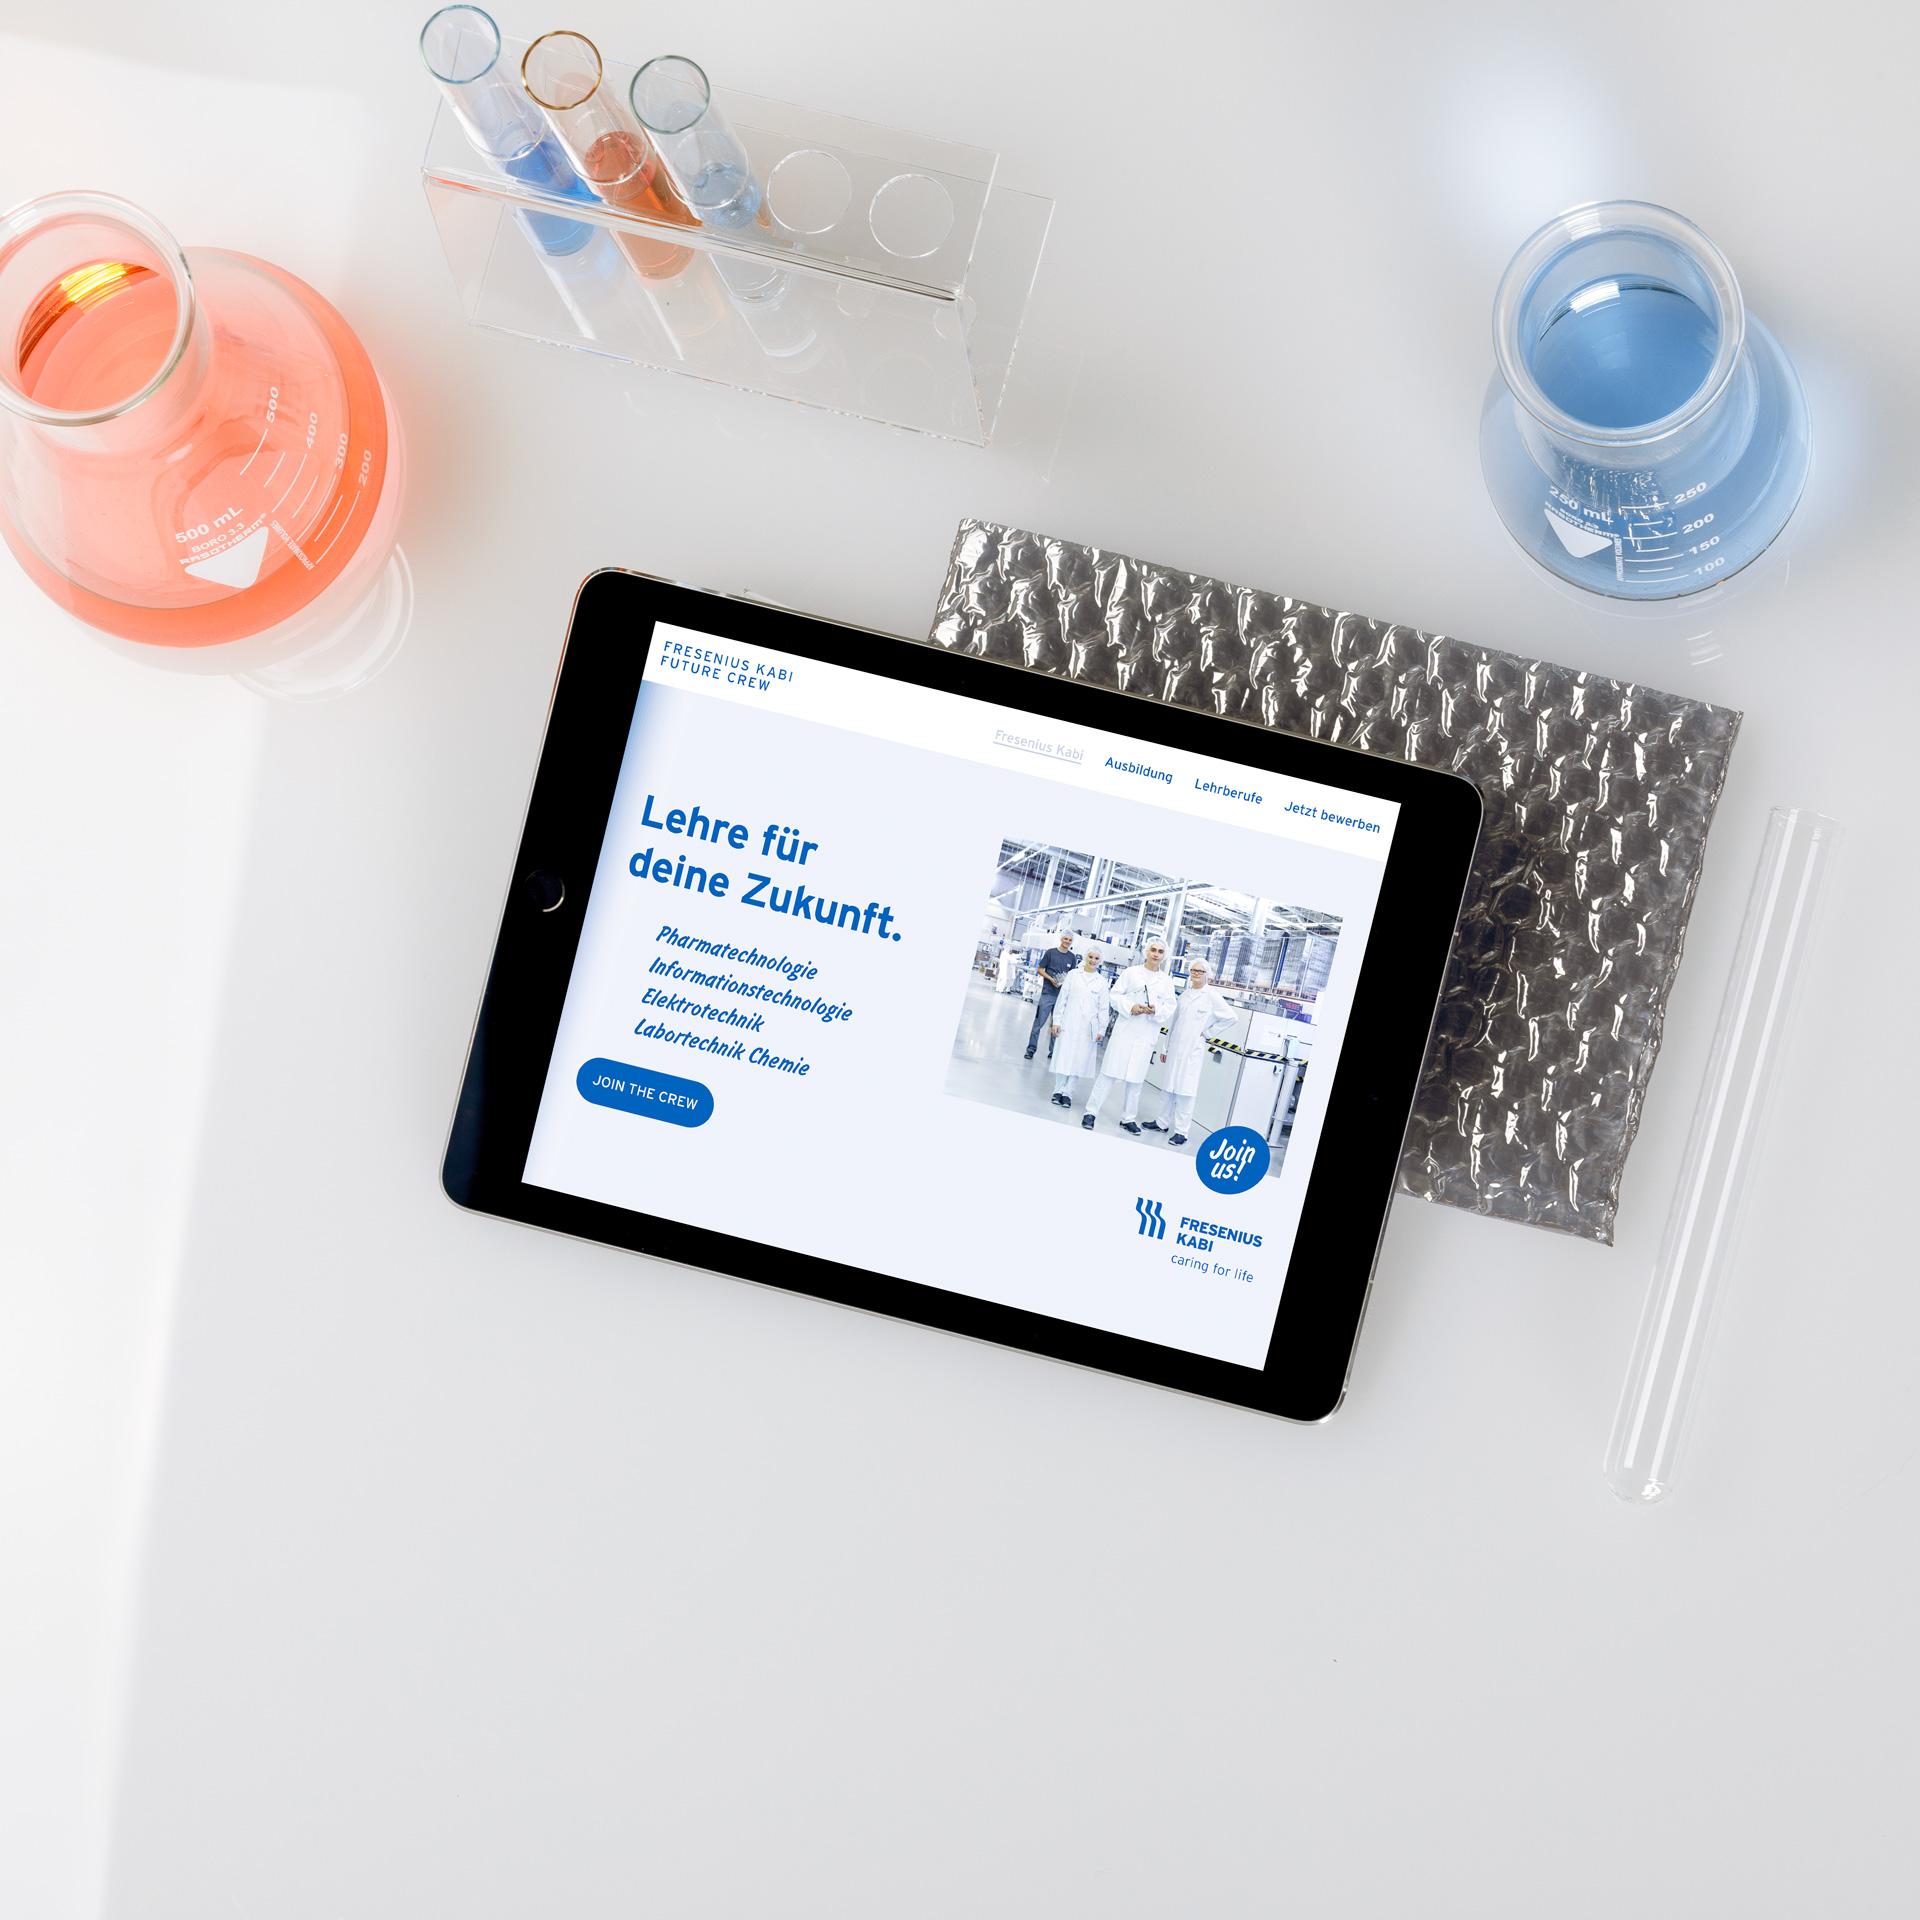 FK-iPad-HO5A6760-1920